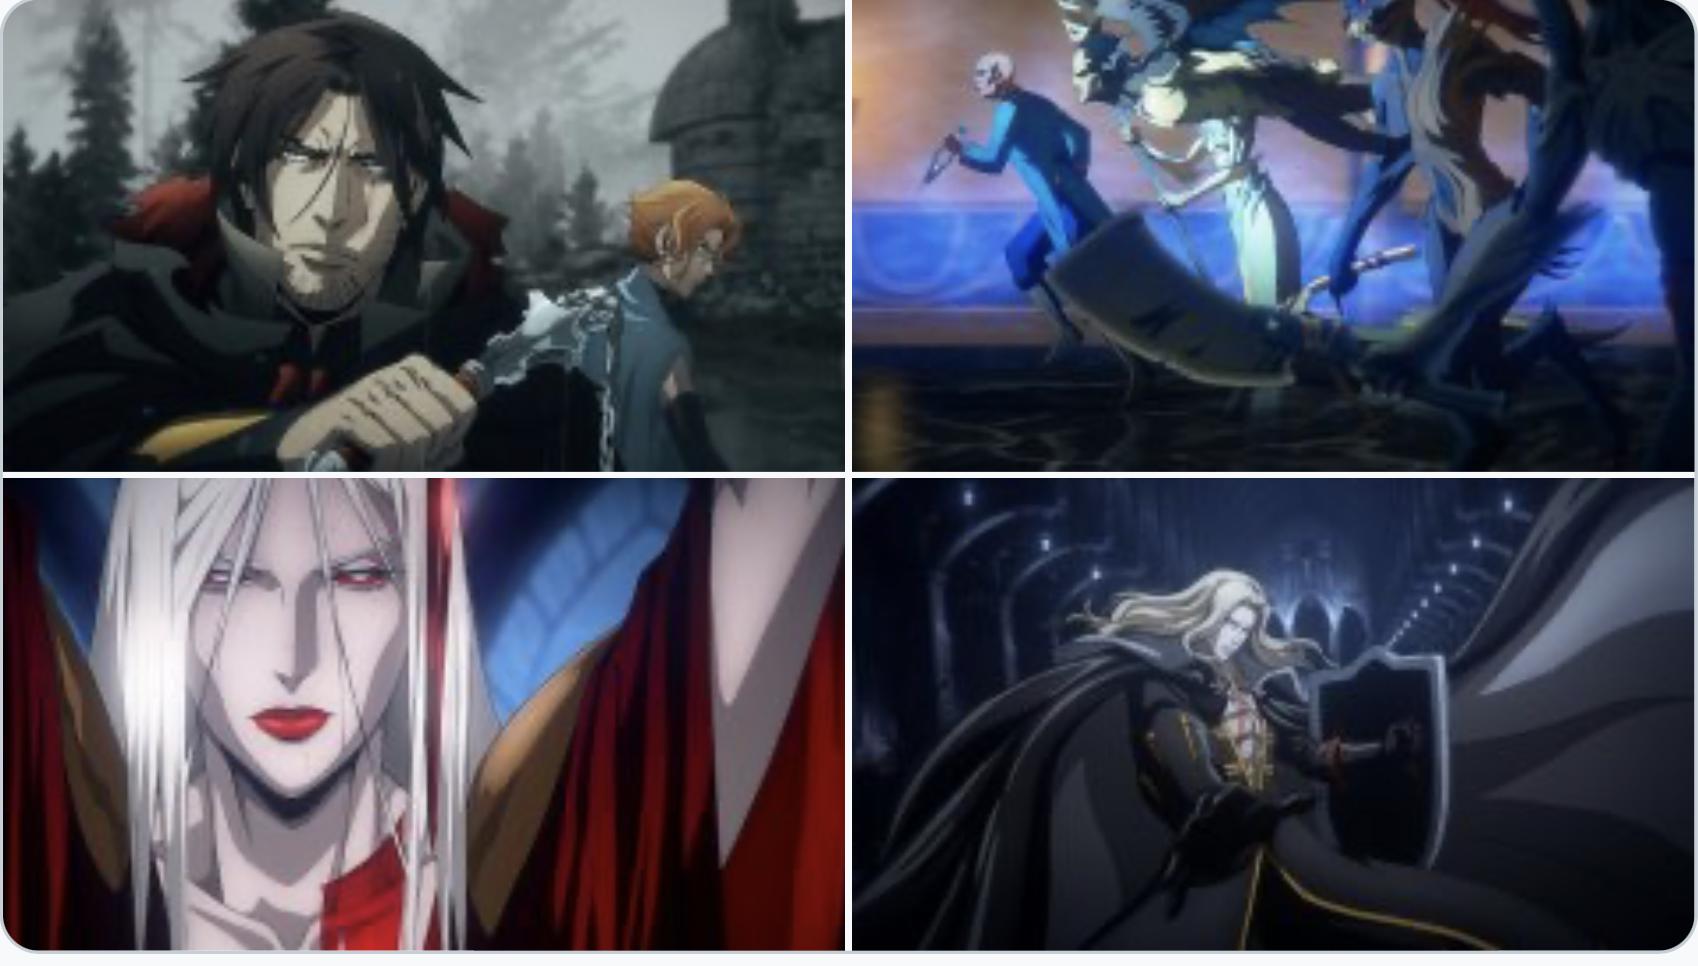 La saison 4 de Castlevania dévoile de nouvelles images sanglantes. 1